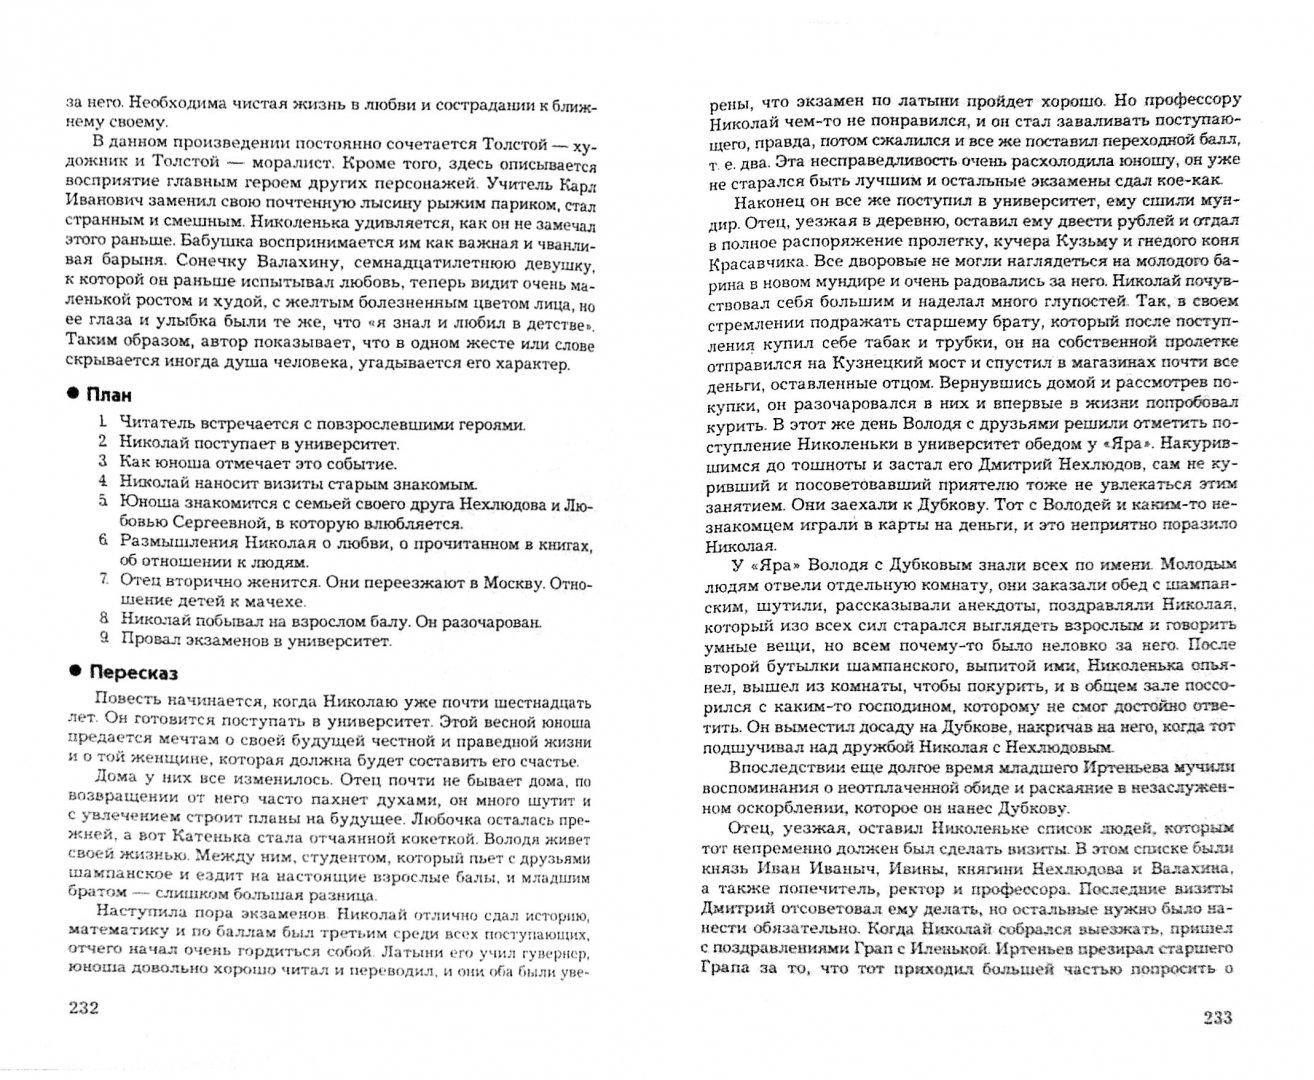 Иллюстрация 1 из 13 для Все произведения школьной литературы в кратком изложении - Долбилова, Пушнова, Шарова, Лазорева | Лабиринт - книги. Источник: Лабиринт